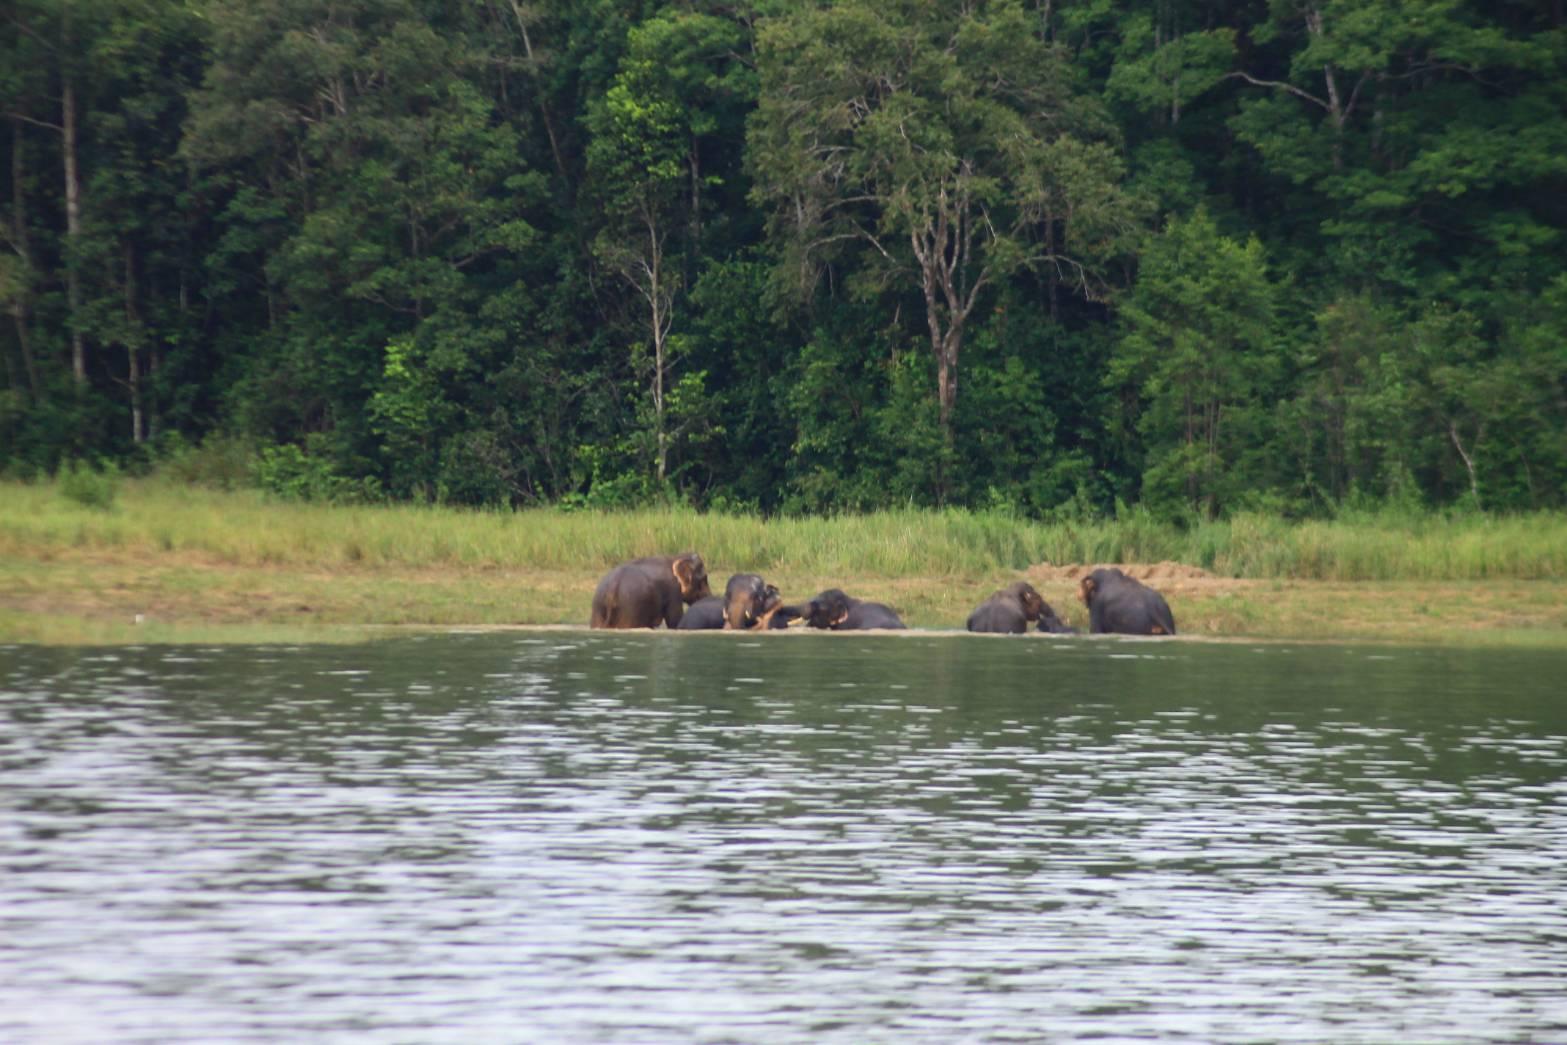 มุมน่ารัก! ช้างป่าเขาใหญ่ลงเล่นน้ำ นทท.ตื่นเต้นแห่ถ่ายภาพ จนท.เตือนระวังช่วงนี้ช้างตกมัน (มีคลิป)